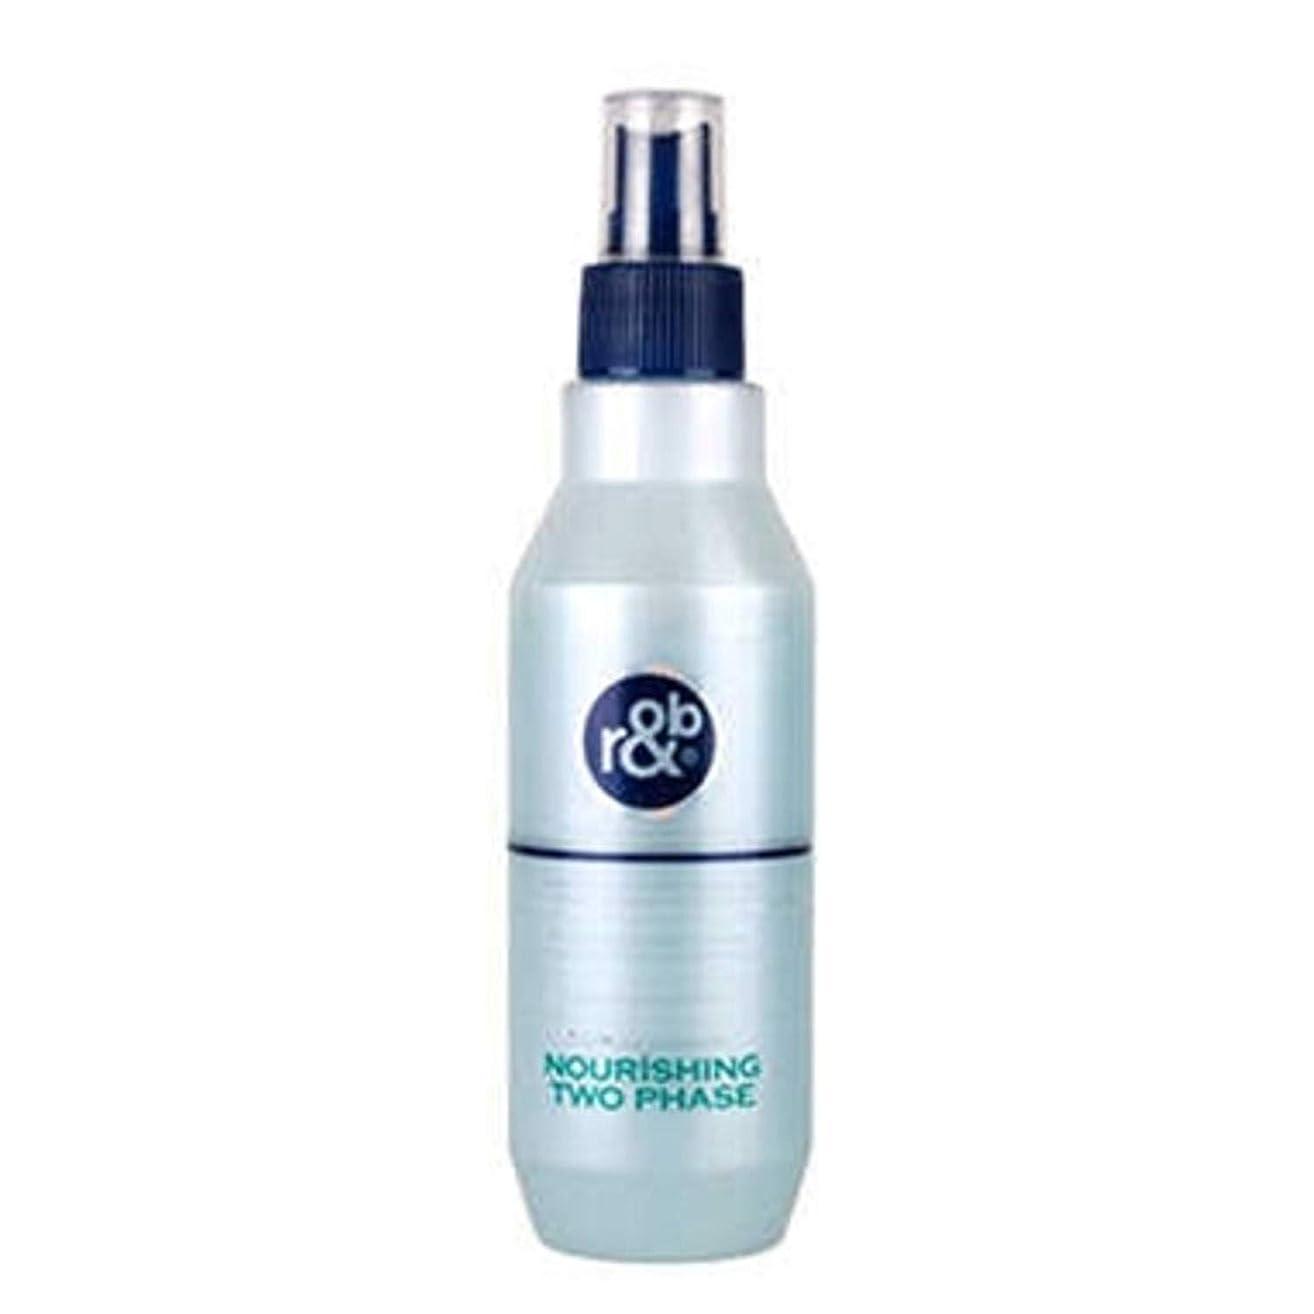 流星アッパー危険なフィトン セラピー ナリッシング 2 段階 250ml - アウトバス ヘア コンディショナー ( Phyton Therapy Nourishing Two Phase 250ml - leave in Hair Conditioner ) [並行輸入品]